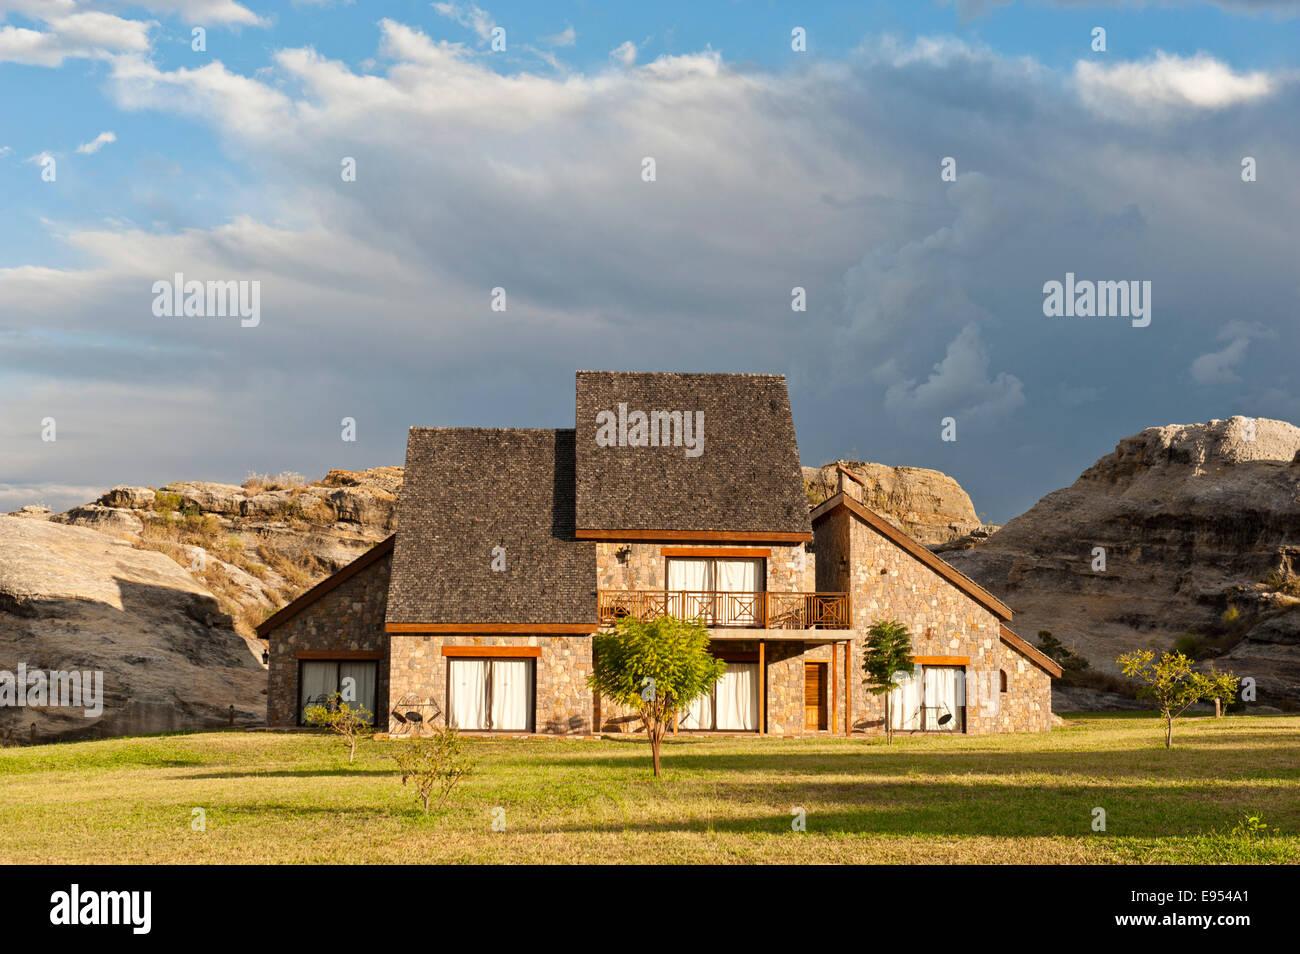 Apartment House, architettura moderna, l'Hotel Jardin de roi, vicino a Ranohira, Madagascar Immagini Stock